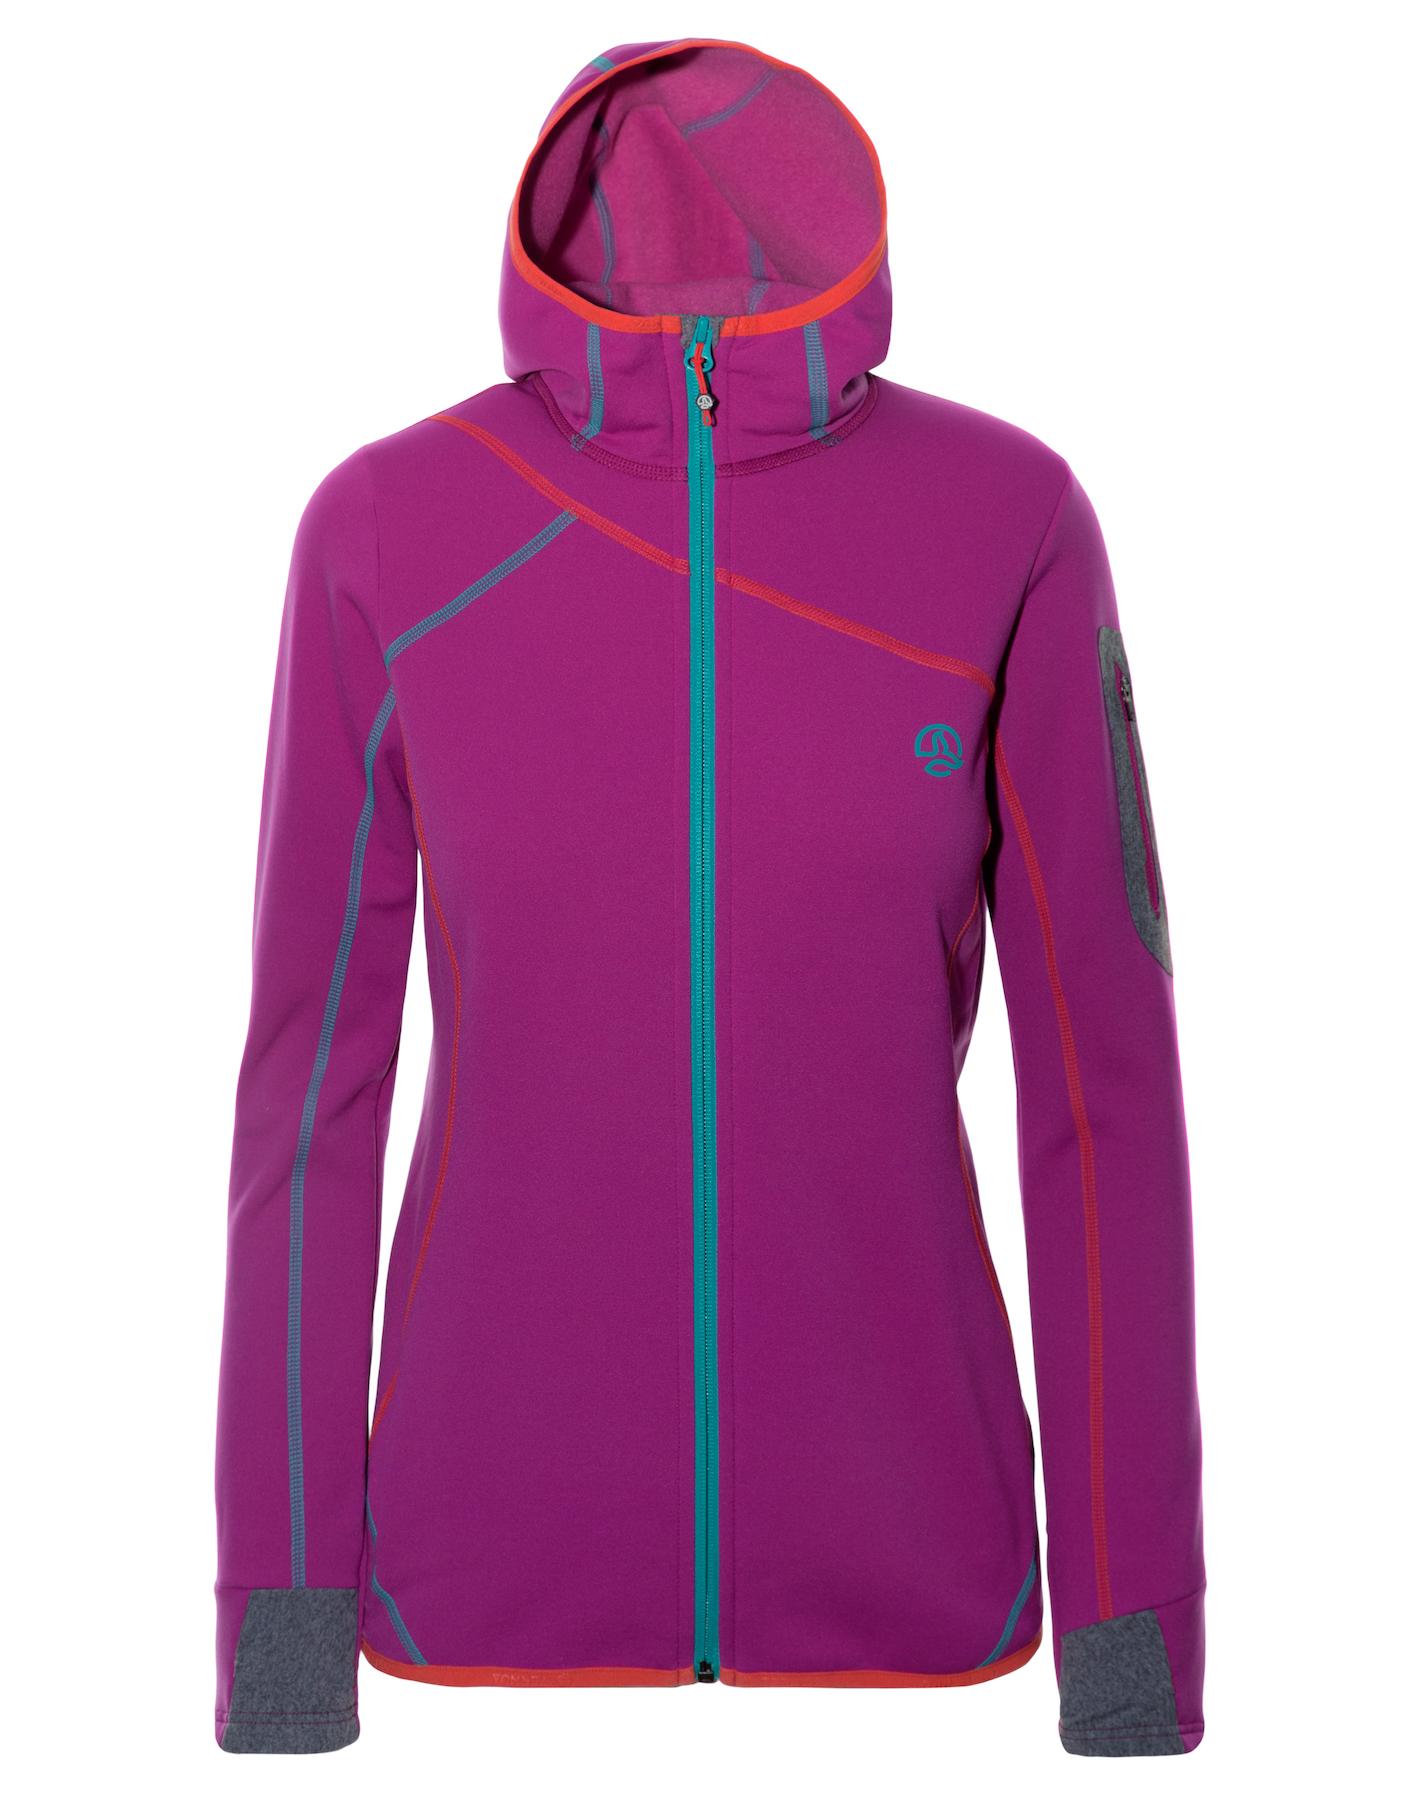 Ternua - Kula Hoody Jacket - Fleece jacket - Women's